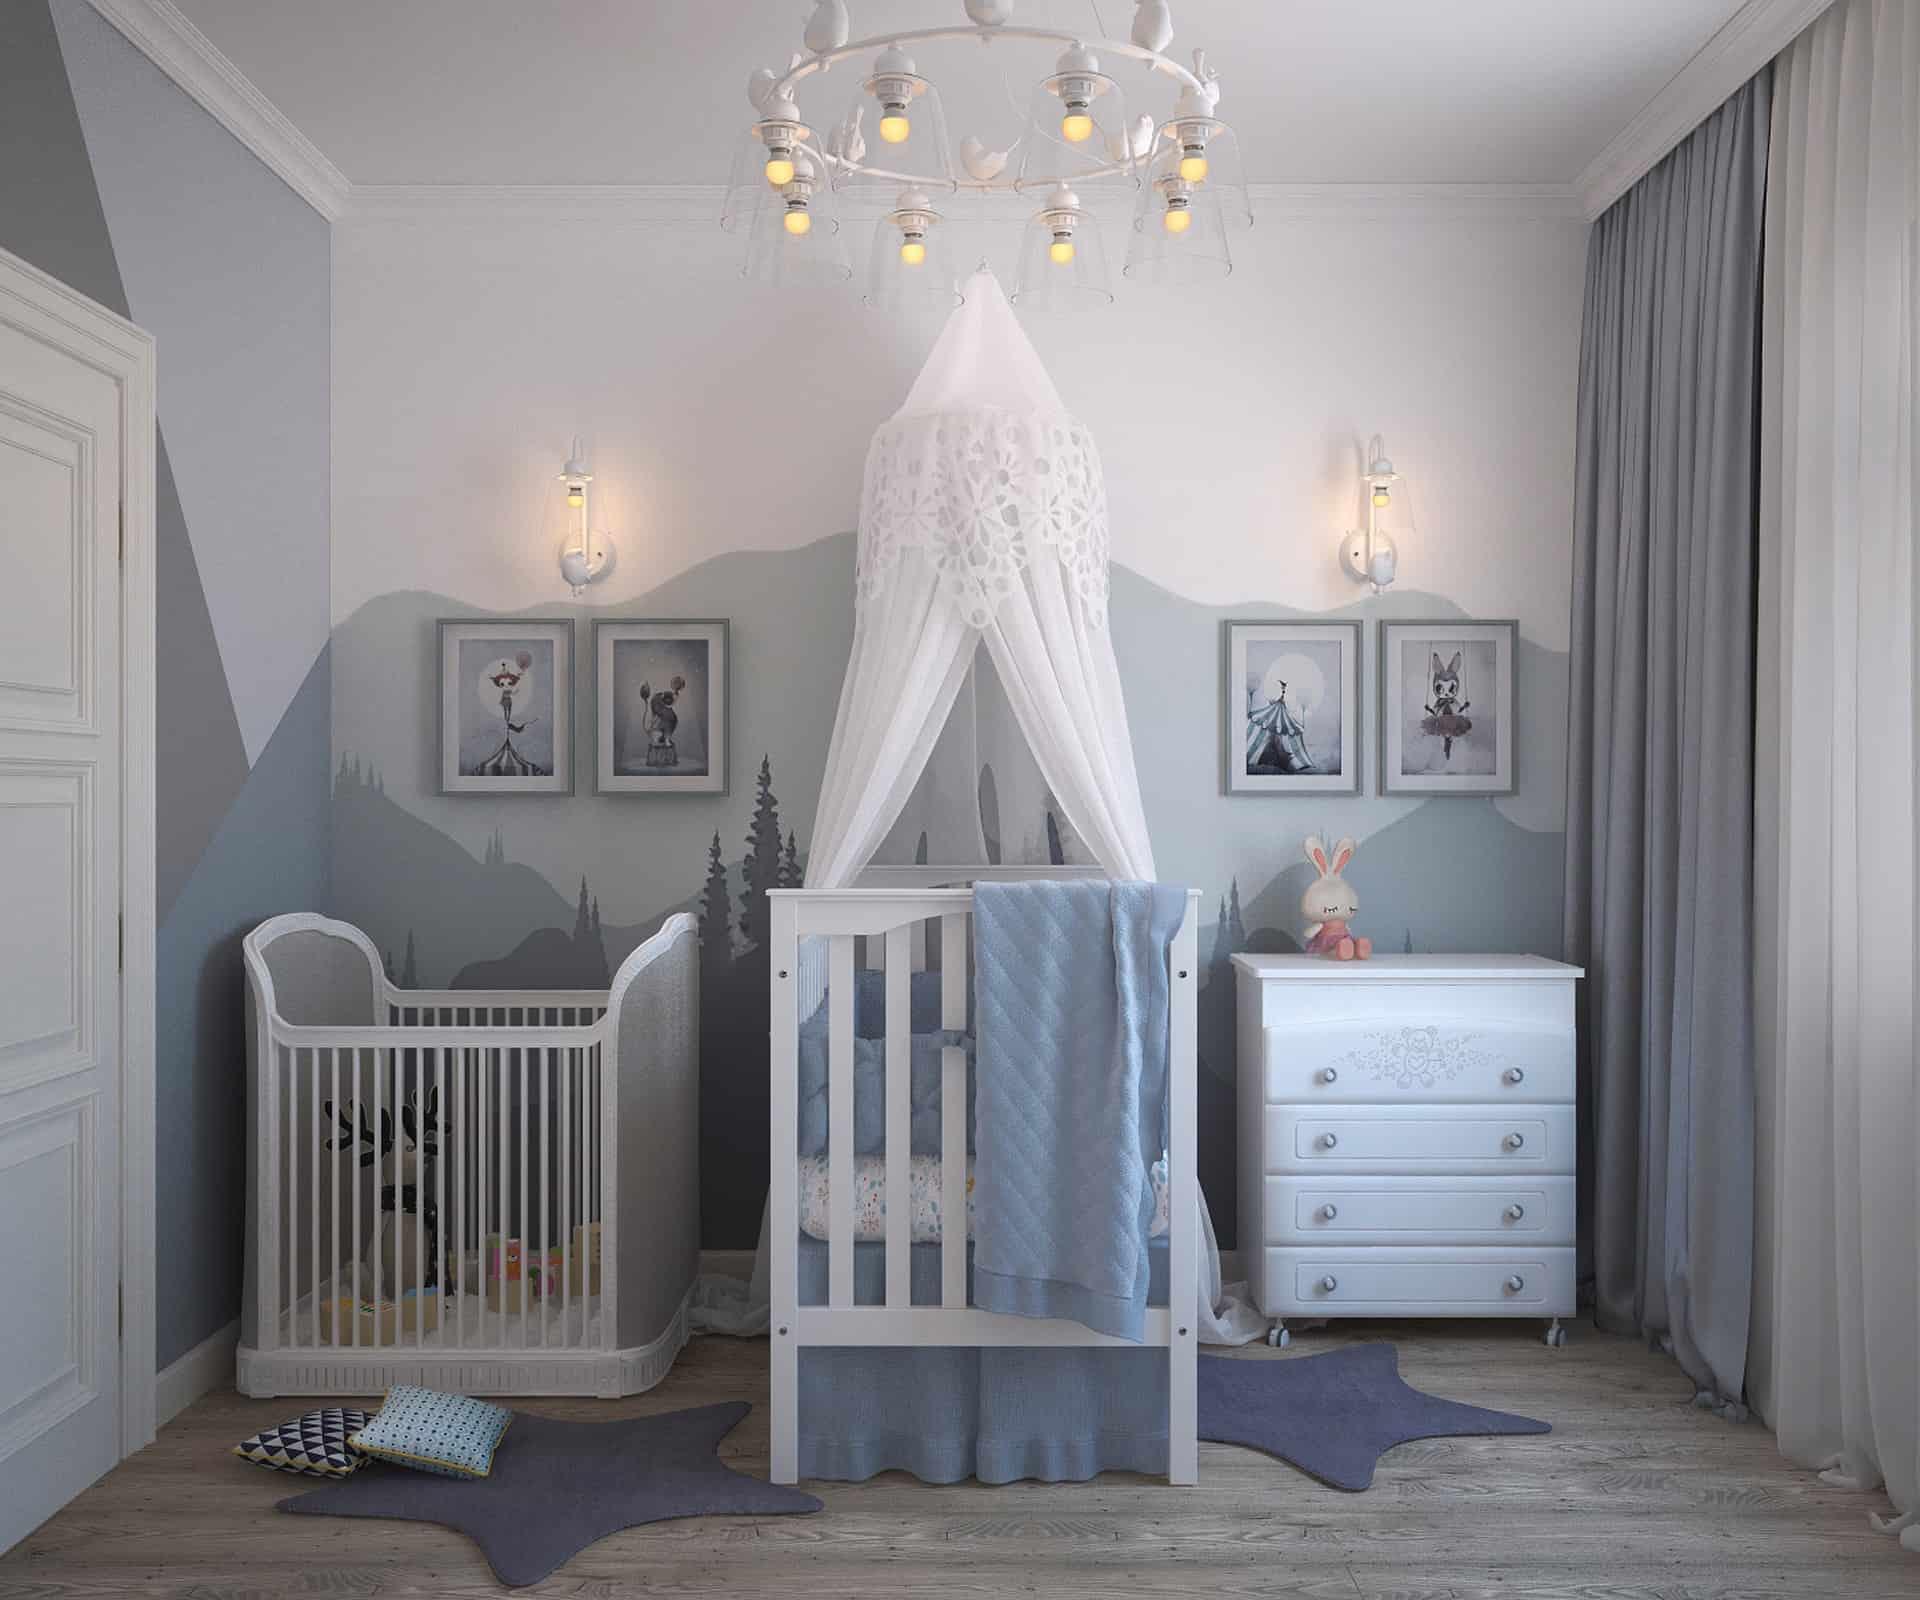 Na foto um quarto de bebê em nas cores cinza e azul com berço, cômoda e chiqueirinho.